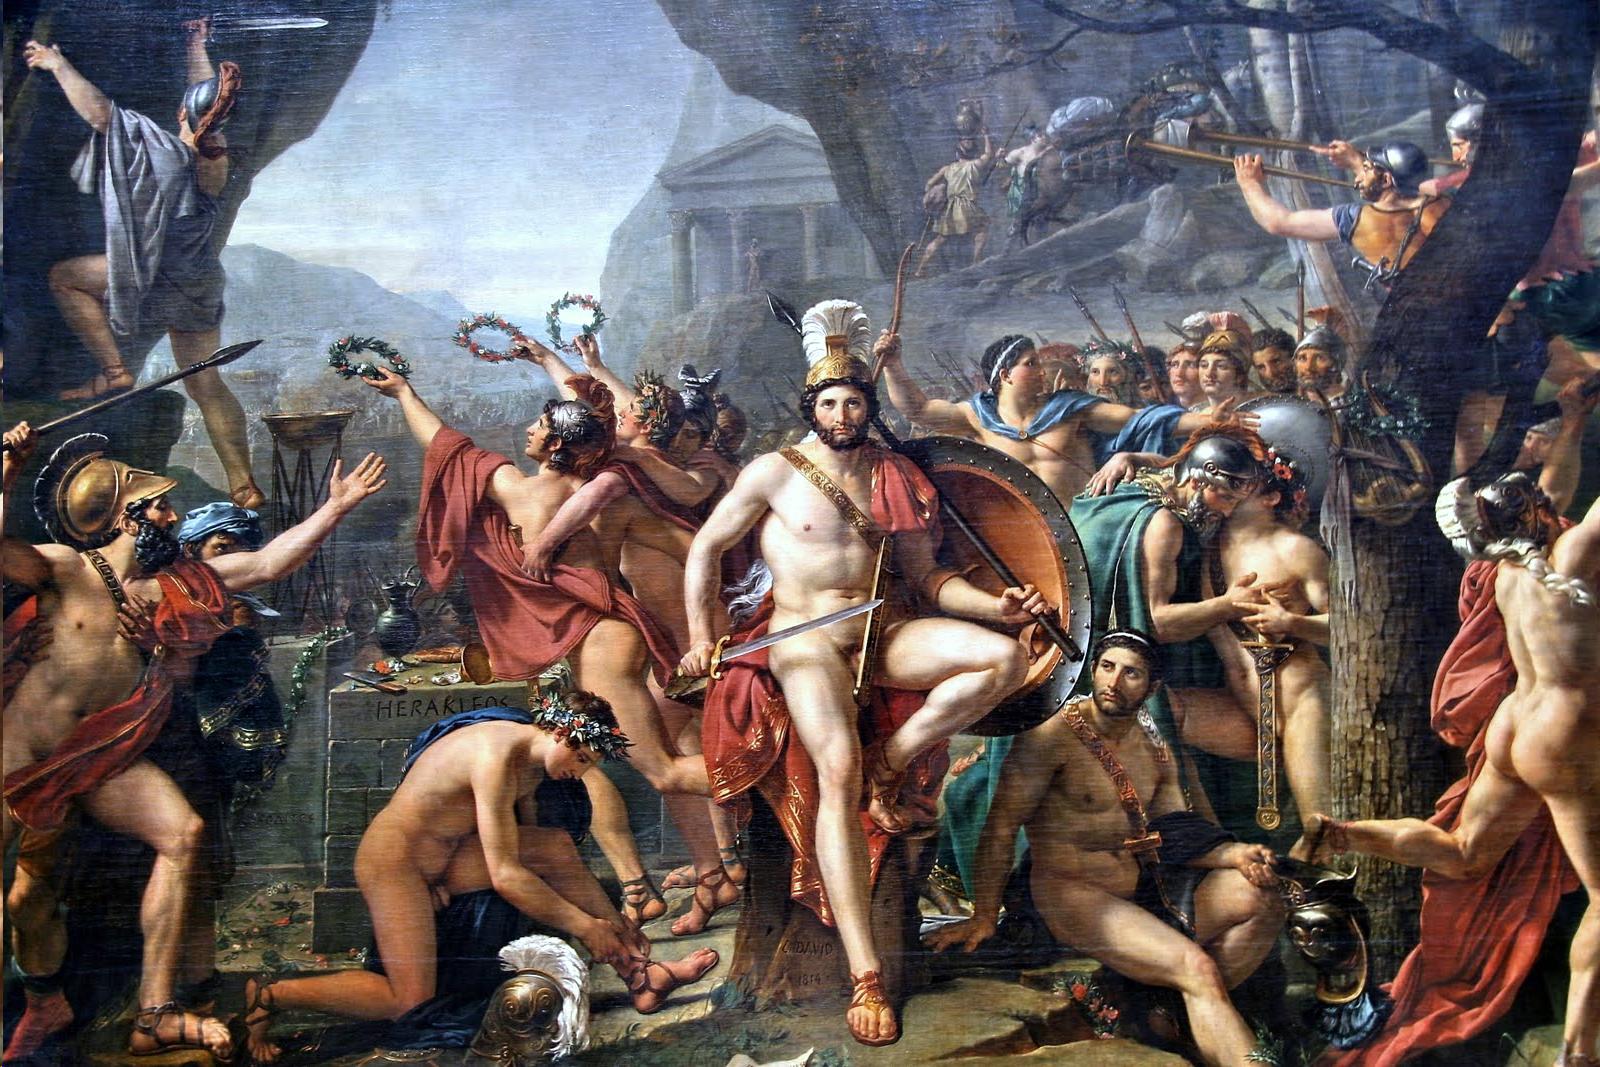 Leónidas en las Termópilas, cuadro de 1814 de Jacques-Louis David.